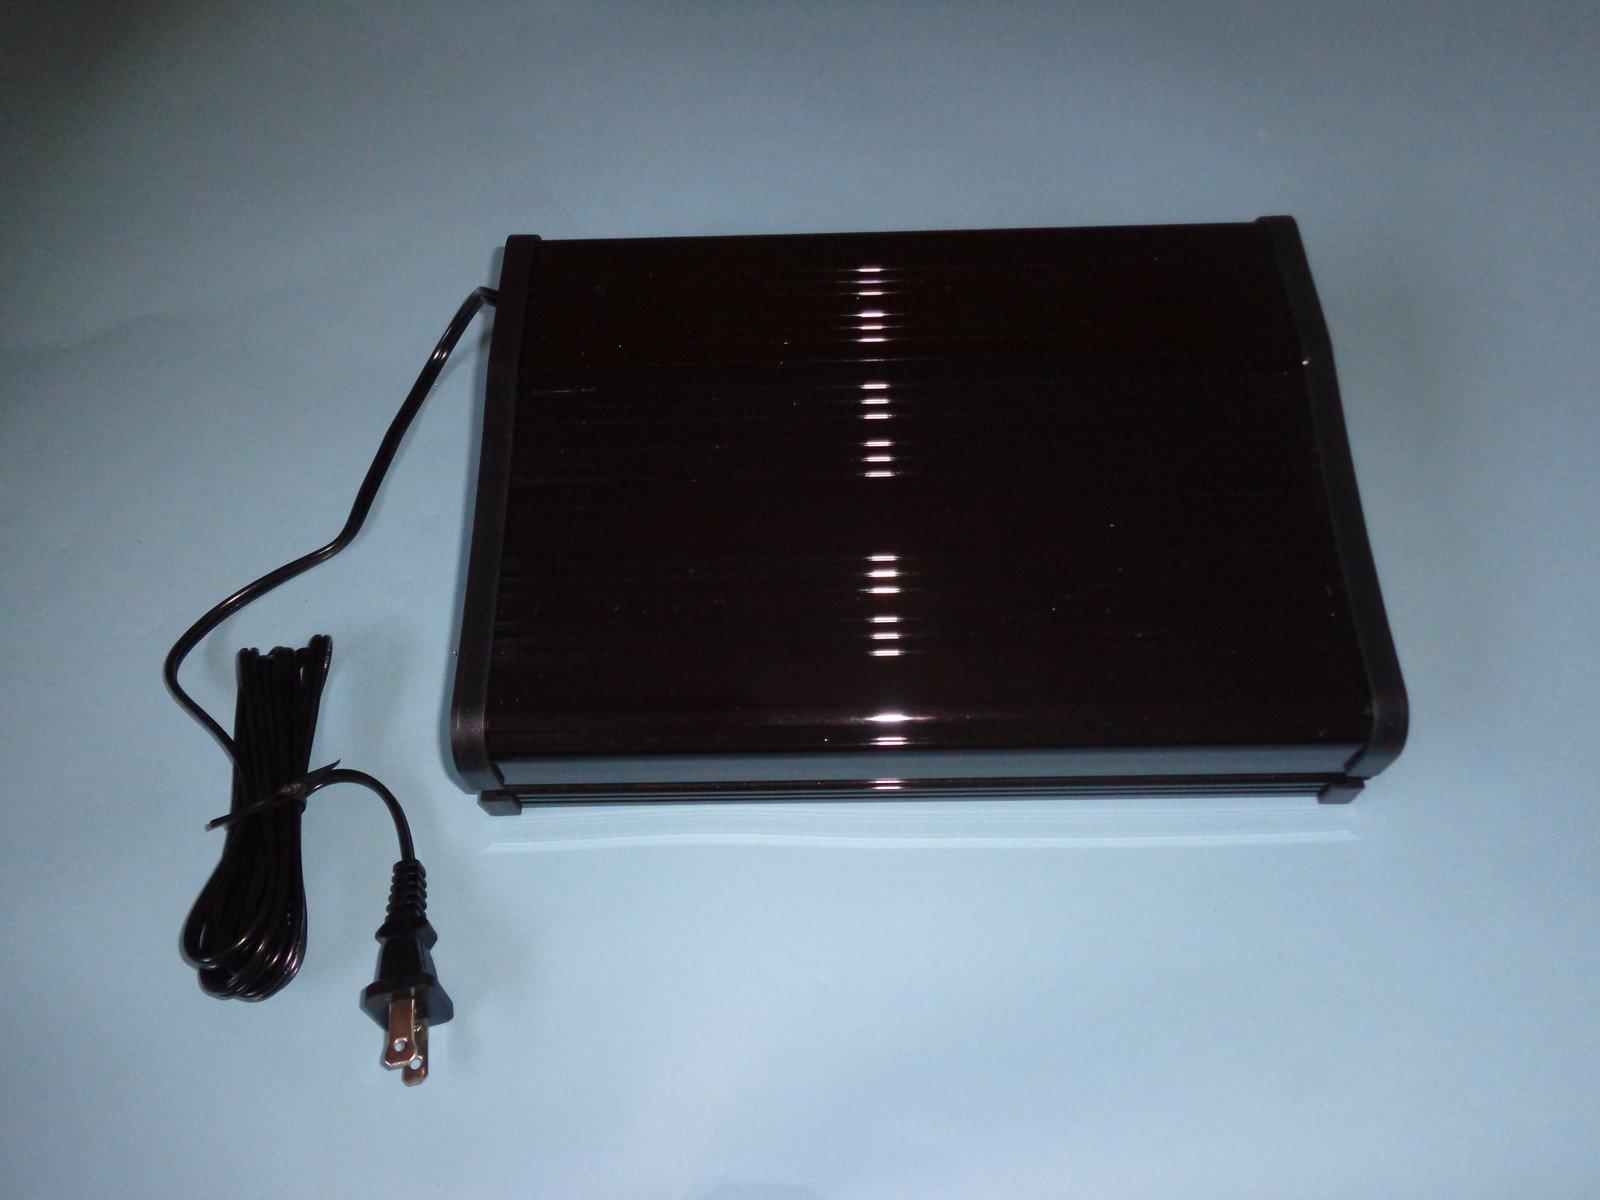 Catalina Aquarium 10 Inch Solar Power Compact Marine Aquarium Hood: 2White,1Blue Bulbs